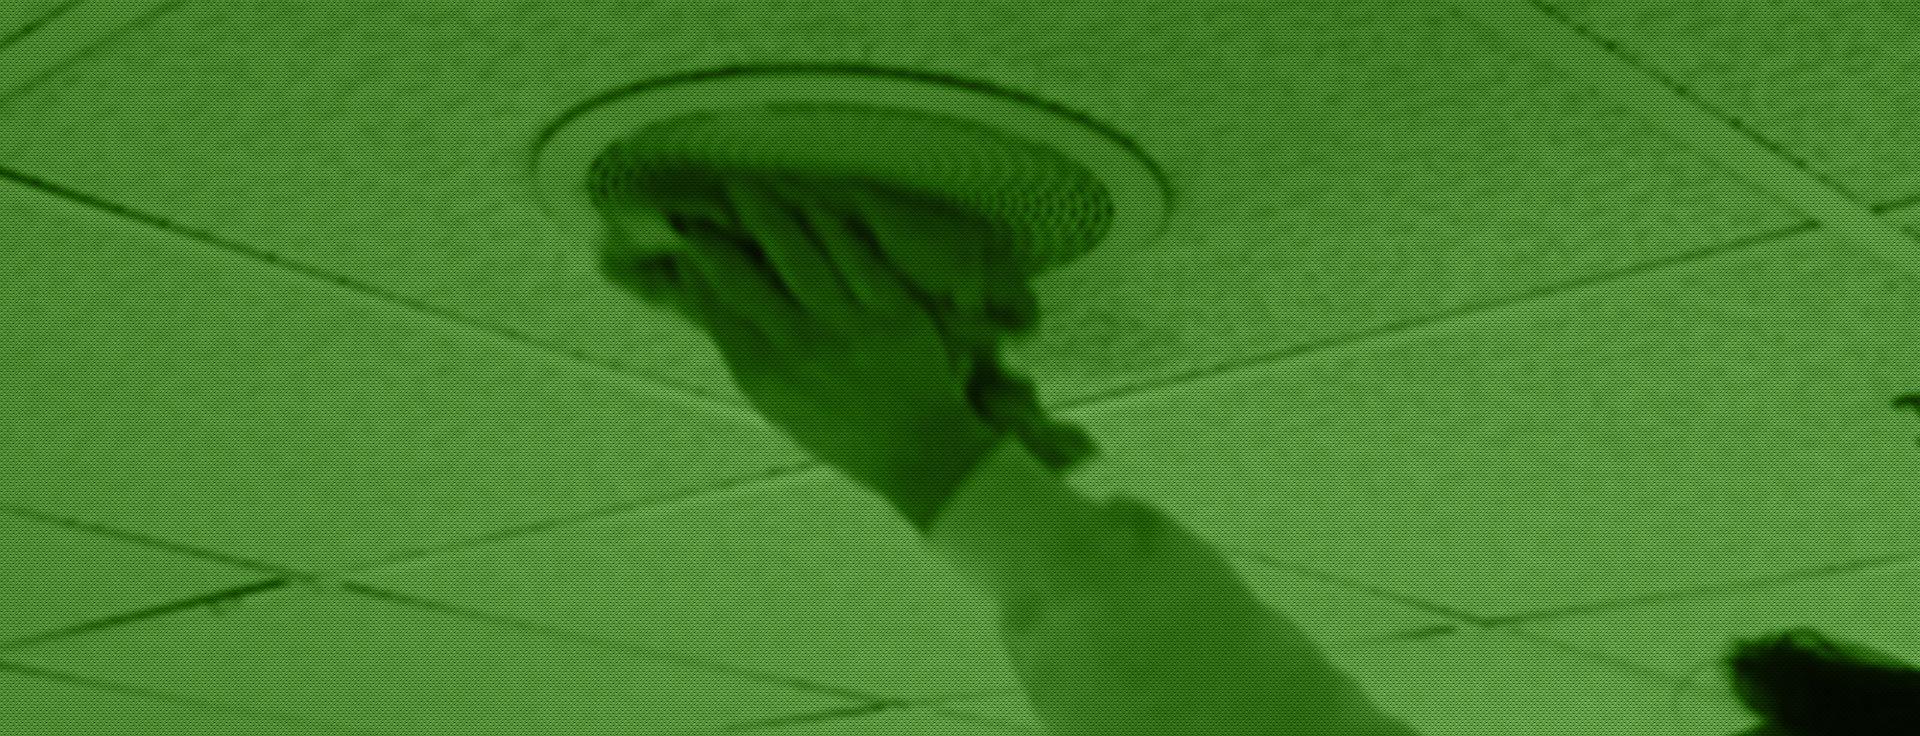 Limpiezas Castor. techos1 Techos